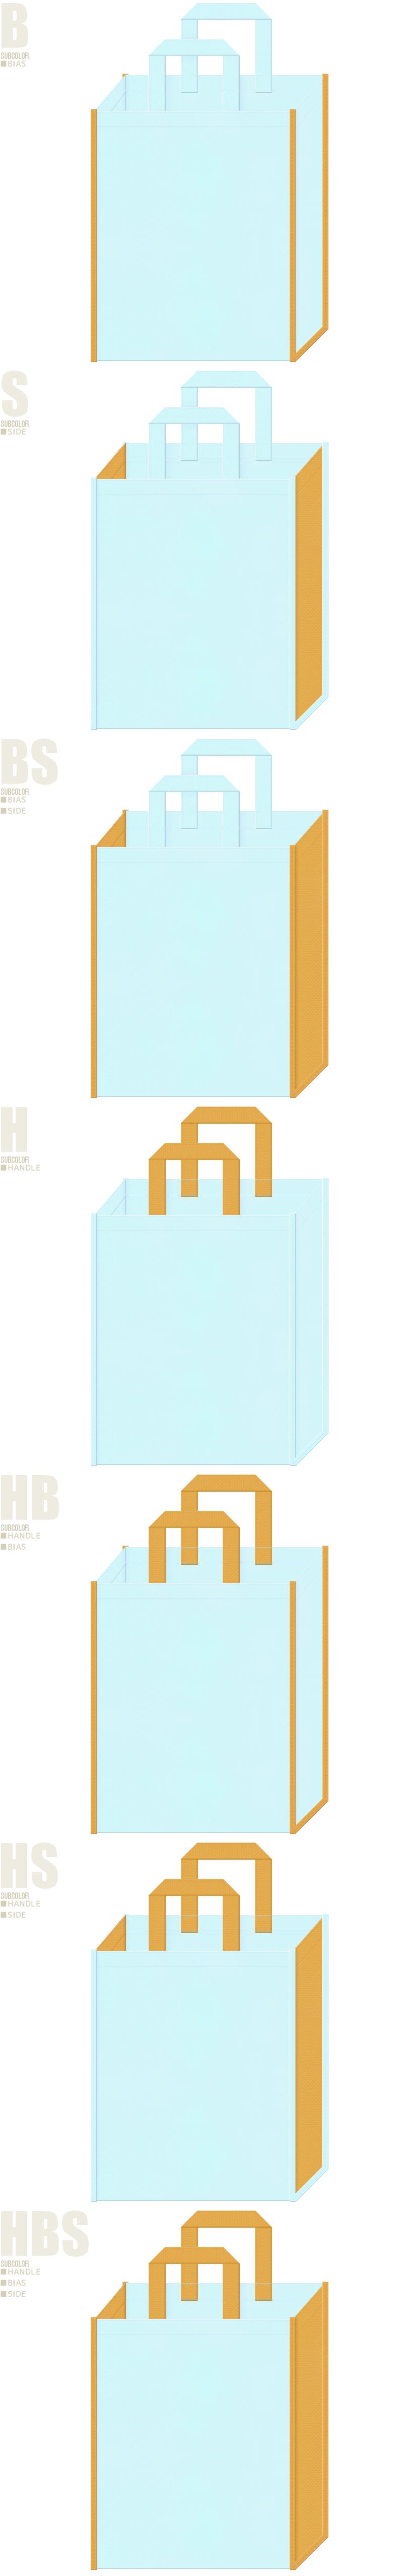 湖・ベアー・ポニー・絵本・おとぎ話・ロールプレイングゲーム・ガーリーデザインの不織布バッグにお奨め:水色と黄土色の配色7パターン